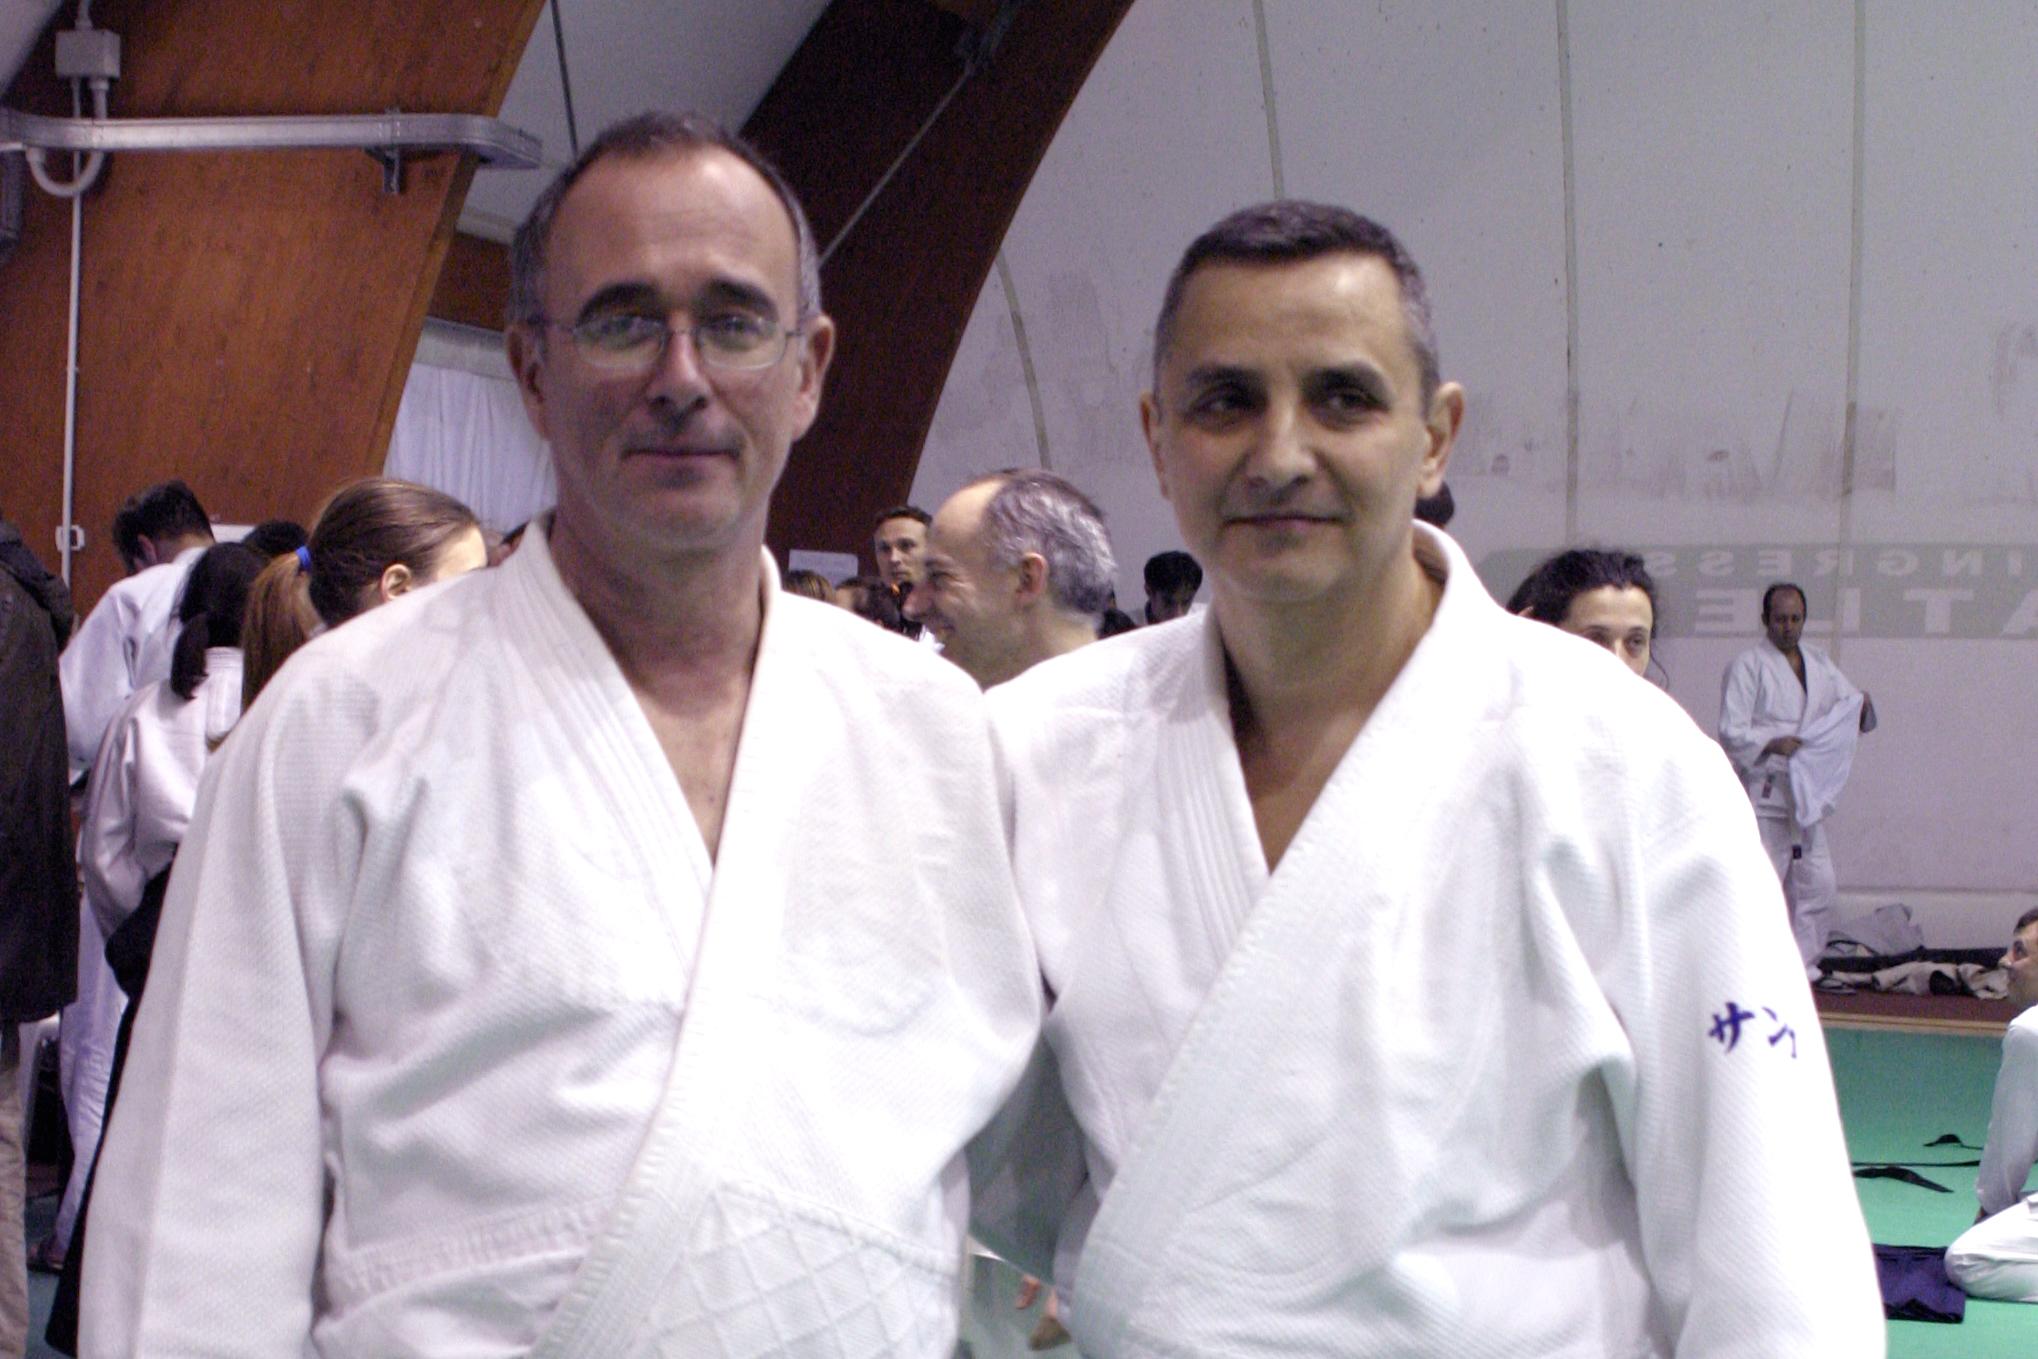 F. Silvano, S. Caccamo